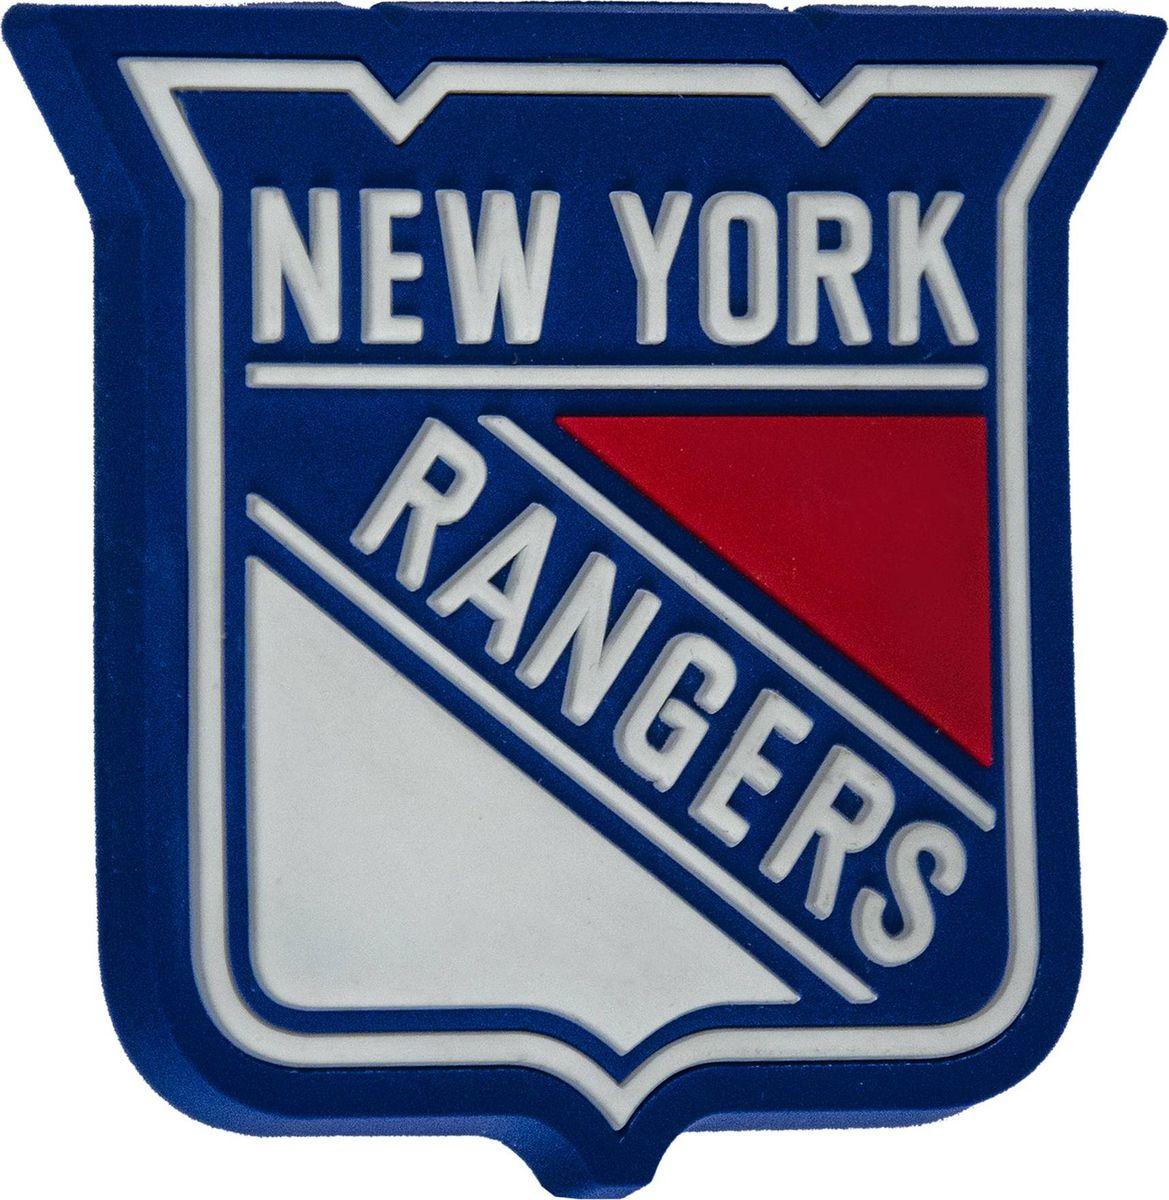 Магнит Atributika & Club New York Rangers, цвет: синий, красный. 5600555004Магнит Atributika & Club выполнен из полимерного материалав виде символики вашего любимого клуба.Длина: 8 см.